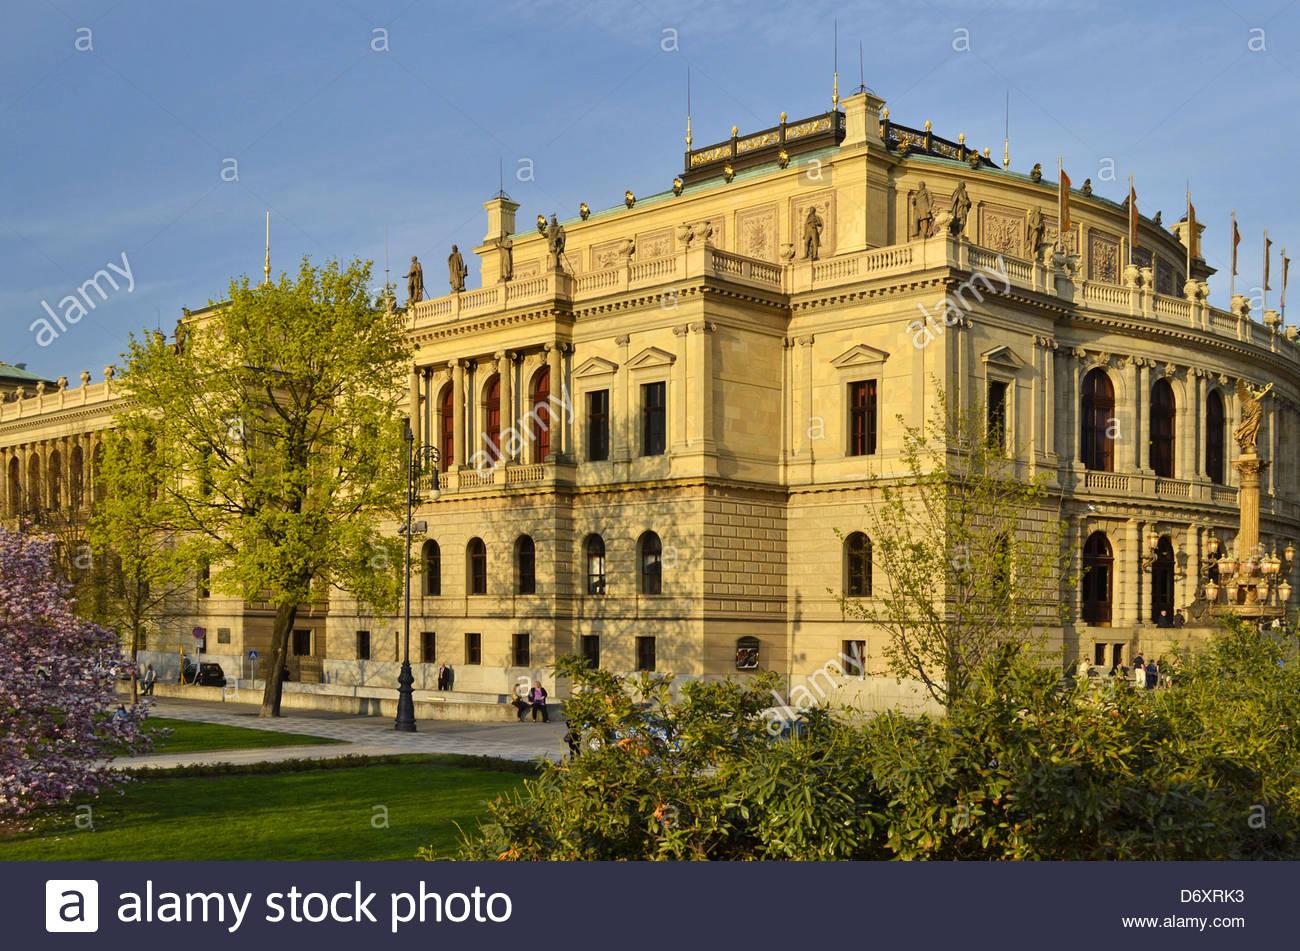 Rudolfinum Neo-Renaissance music auditorium building in Prague Czech Republic Europe - Stock Image